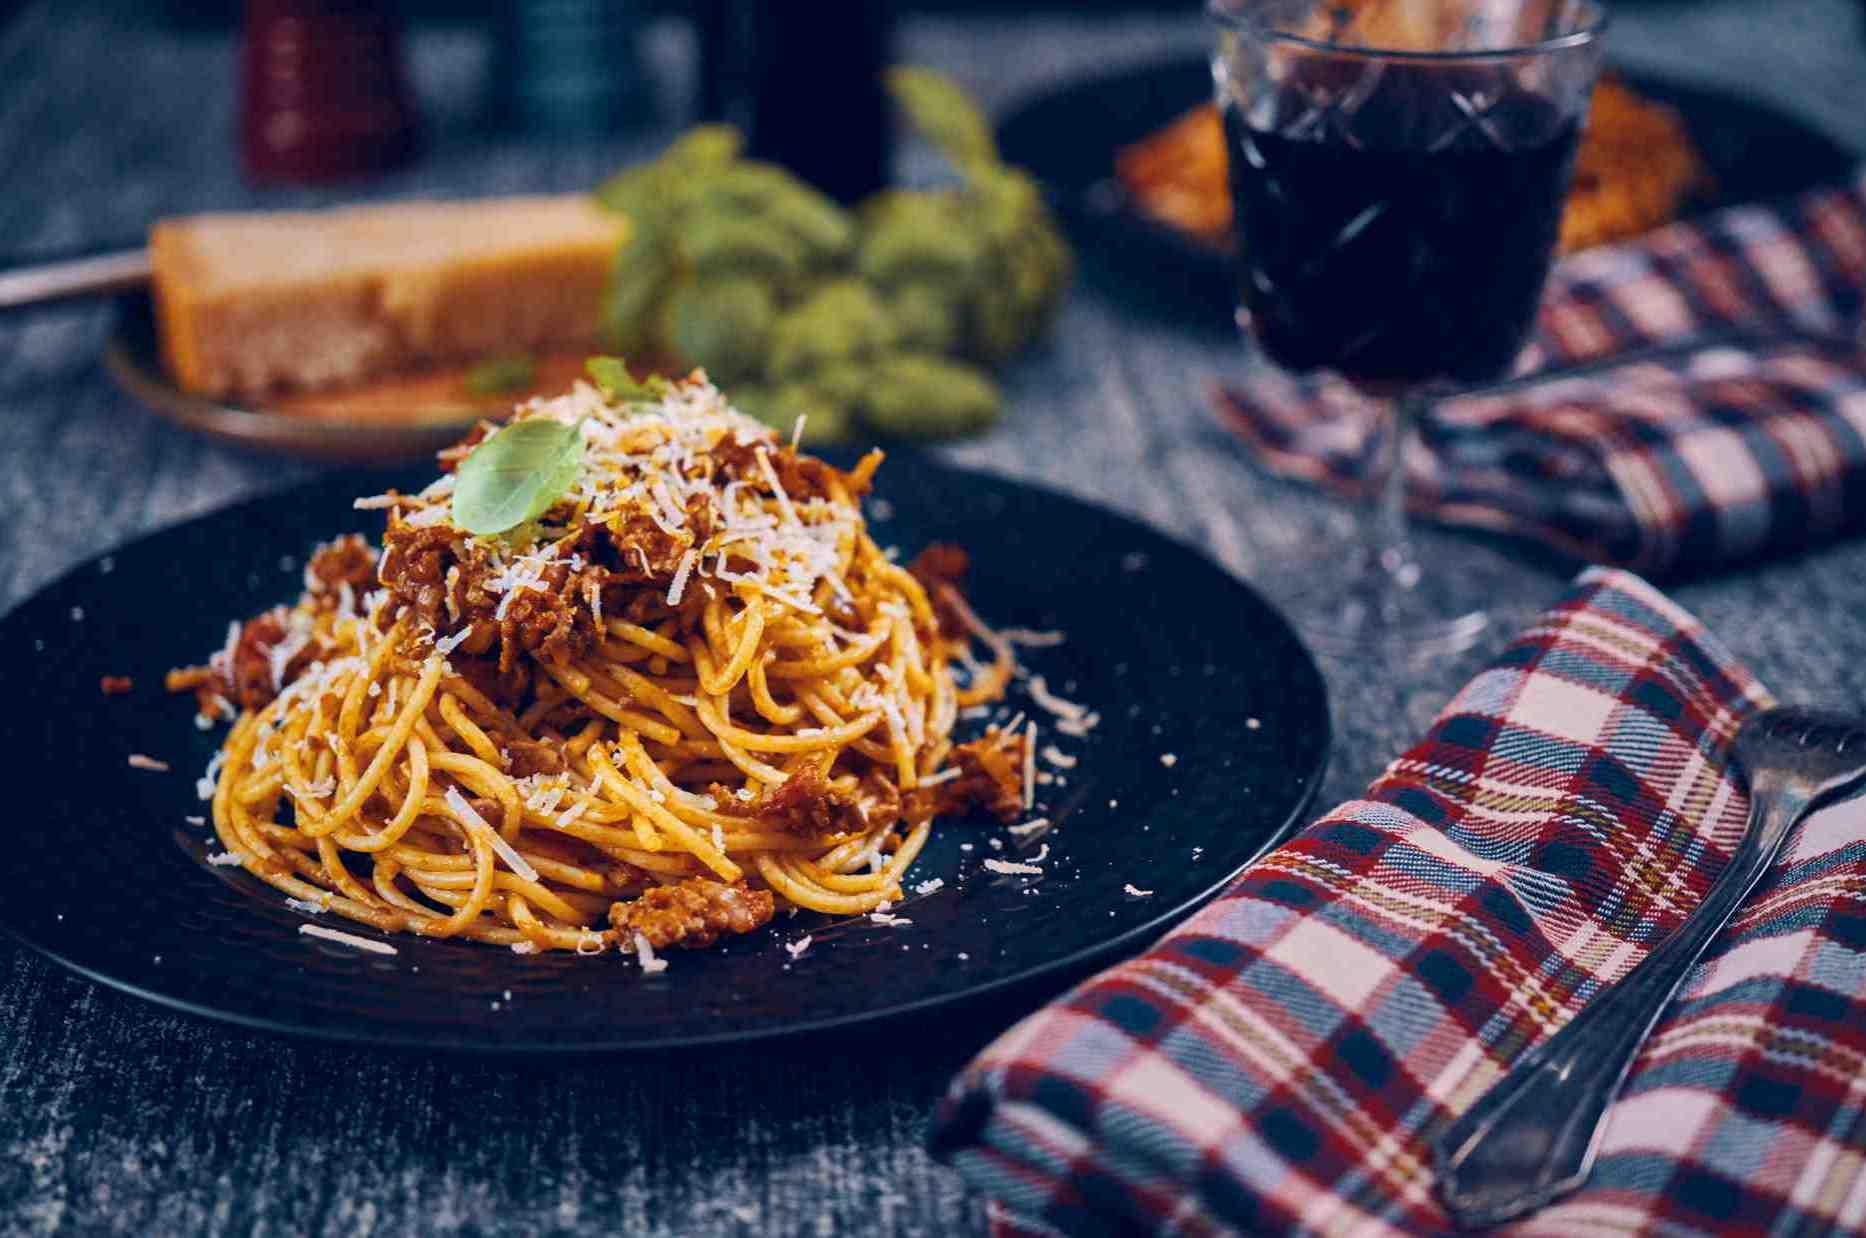 Nejlepší recept na boloňské špagety krok za krokem